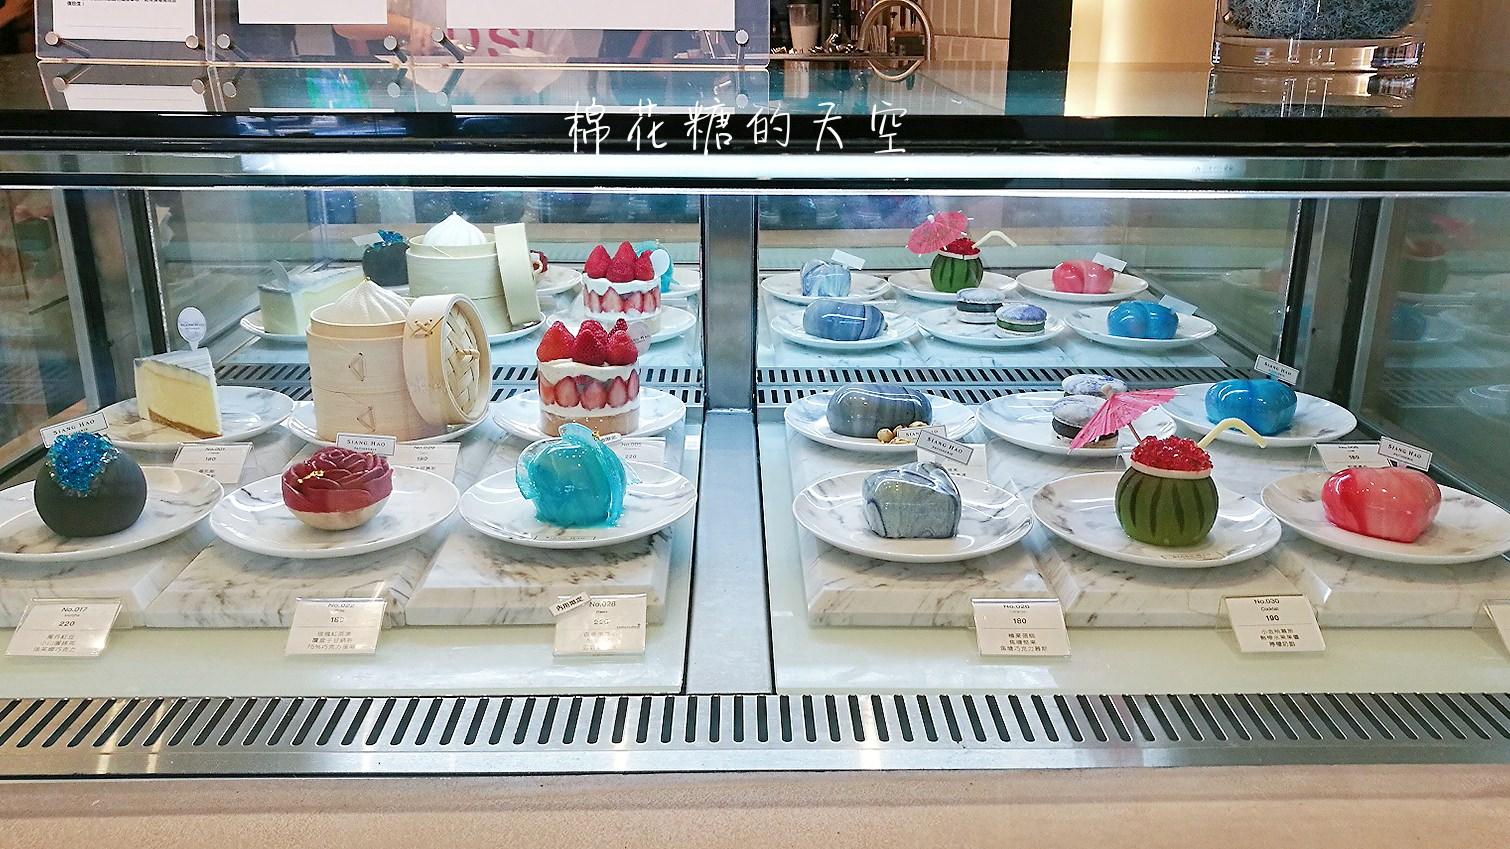 20180418231548 41 - 台中浮誇系甜點最新品-夏日西瓜,連吸管都可以吃喔!